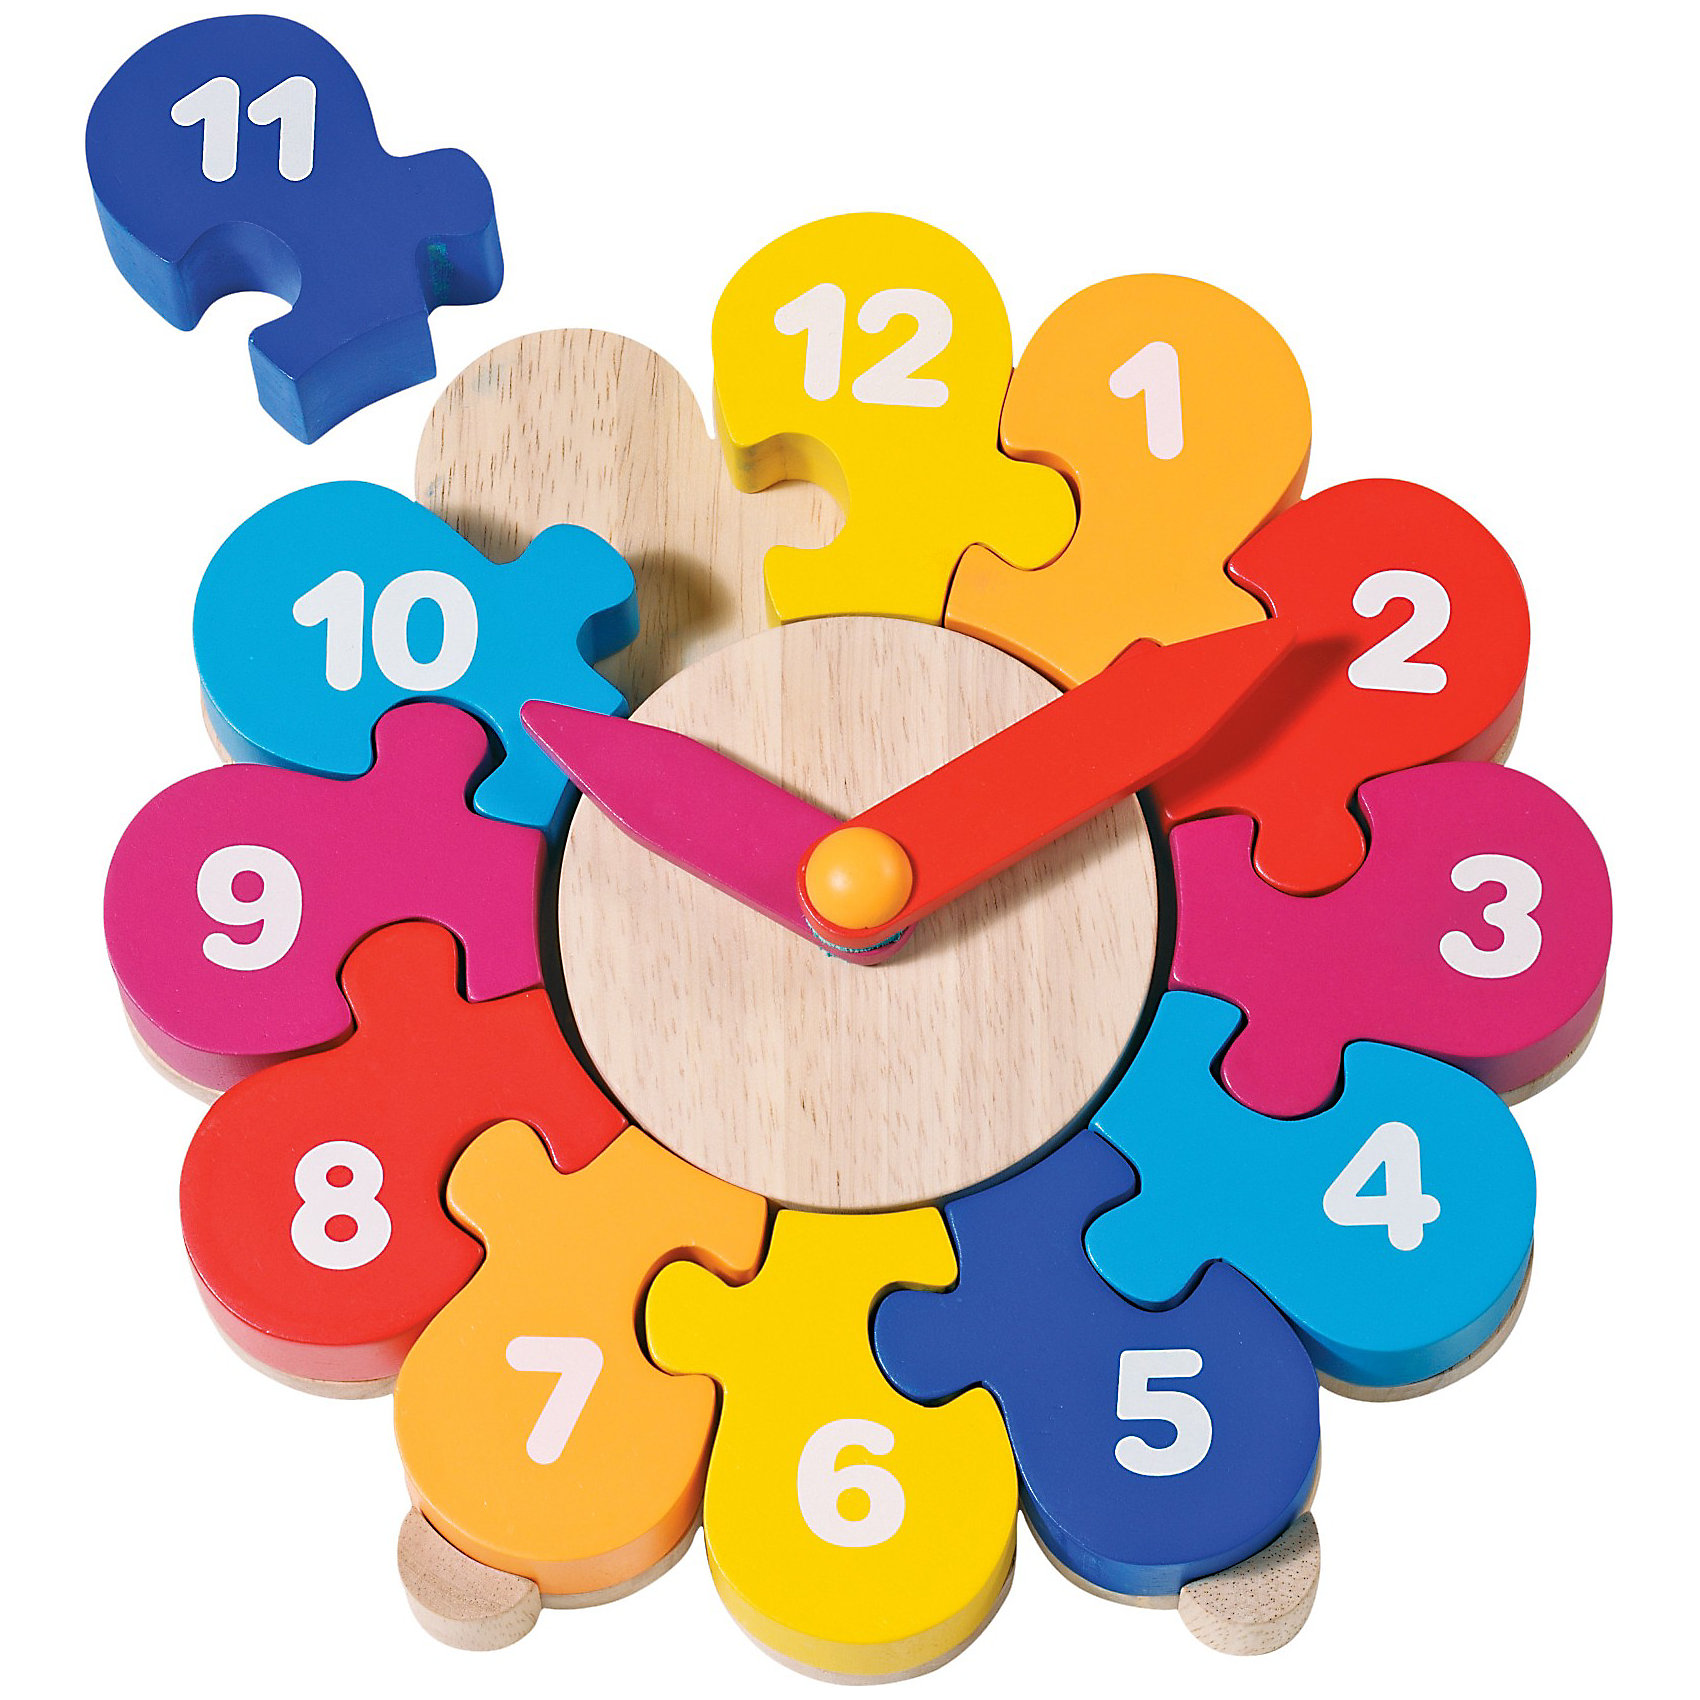 Часы-пазл II, gokiТеперь можно в игровой форме объяснить малышу понятие времени, ведь Часы-пазл II от goki (гоки) - это комбинация пазла и детских часов. Элементы пазла похожи на лепестки прекрасного цветка, собрав их, ребенок обнаружит, что это не что иное, как циферблат часов с цифрами от 1 до 12. Когда все цифры расставлены в правильной последовательности, можно приступать к изучению понятий часов и минут. А чтобы ребёнок научился быстро узнавать минуты, на часах есть минутные деления от 5 до 55, на каждые пять минут, в минутной стрелке сделано маленькое окошко. Стрелки часов легко двигаются пальцем, поэтому маленький исследователь без труда может устанавливать время по собственному желанию.<br><br>Дополнительная информация:<br><br>- Обучающие часы и пазл в одной игрушке;<br>- Часы в игровой форме научат ребёнка узнавать время, различать часы и минуты;<br>- Яркий дизайн;<br>- Материал: дерево, безопасные краски;<br>- Стрелки крутятся очень легко;<br>- Диаметр: 20 см;<br>- Вес: 768 г<br><br>Часы-пазл II, goki (гоки) можно купить в нашем интернет-магазине.<br><br>Ширина мм: 200<br>Глубина мм: 200<br>Высота мм: 200<br>Вес г: 768<br>Возраст от месяцев: 36<br>Возраст до месяцев: 72<br>Пол: Унисекс<br>Возраст: Детский<br>SKU: 3777822